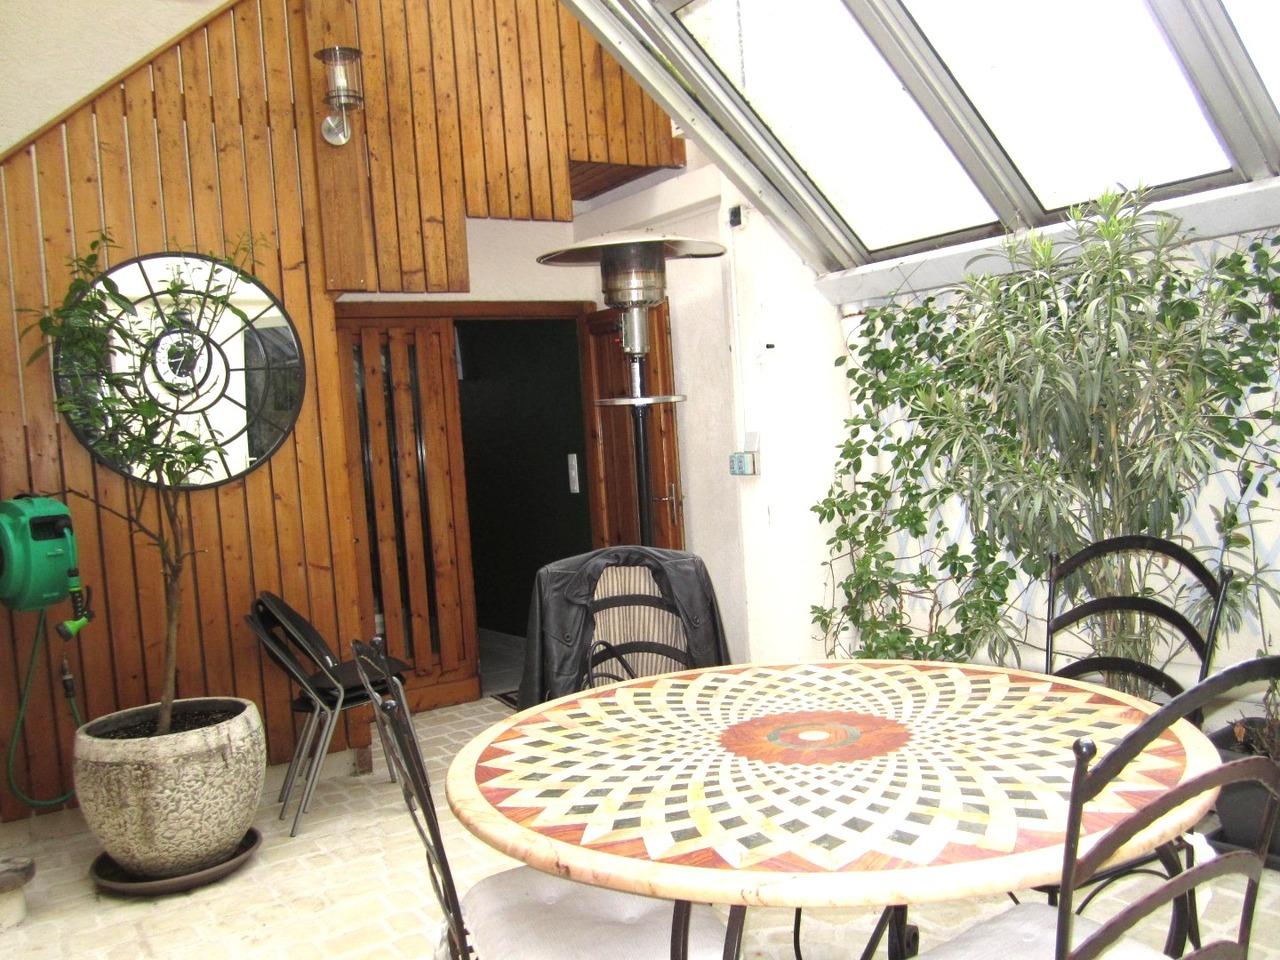 Barbezieux-saint-hilaire - 7 pièce(s) - 280 m2